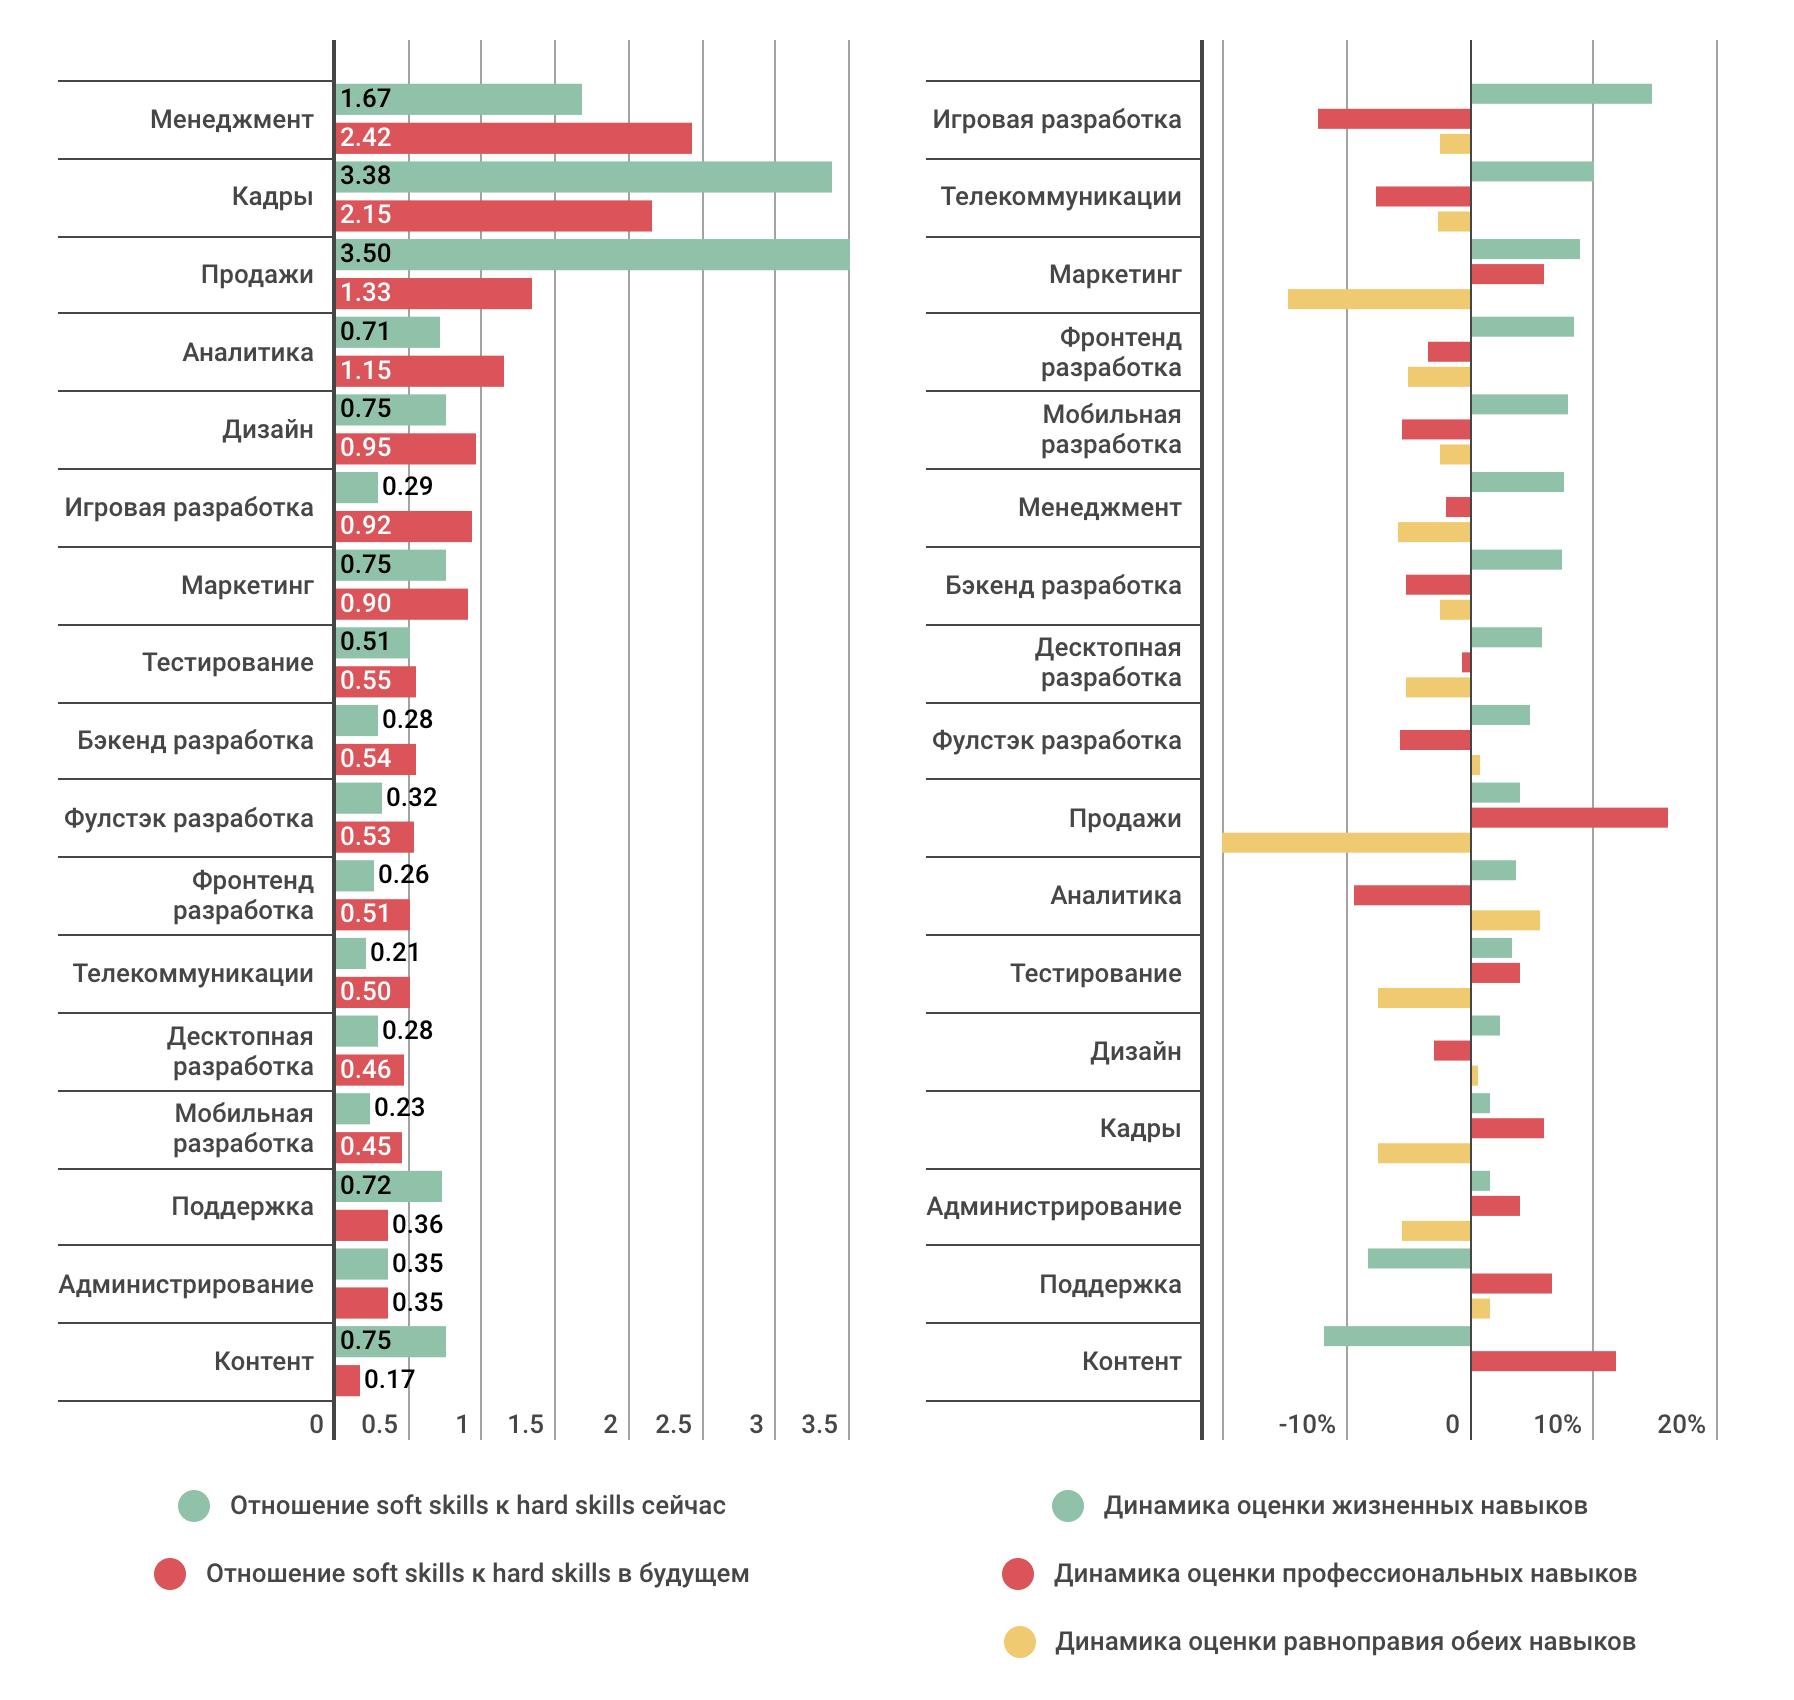 Профессиональные или жизненные навыки: что важнее в ИТ-индустрии сегодня и в будущем (результаты опроса) - 12